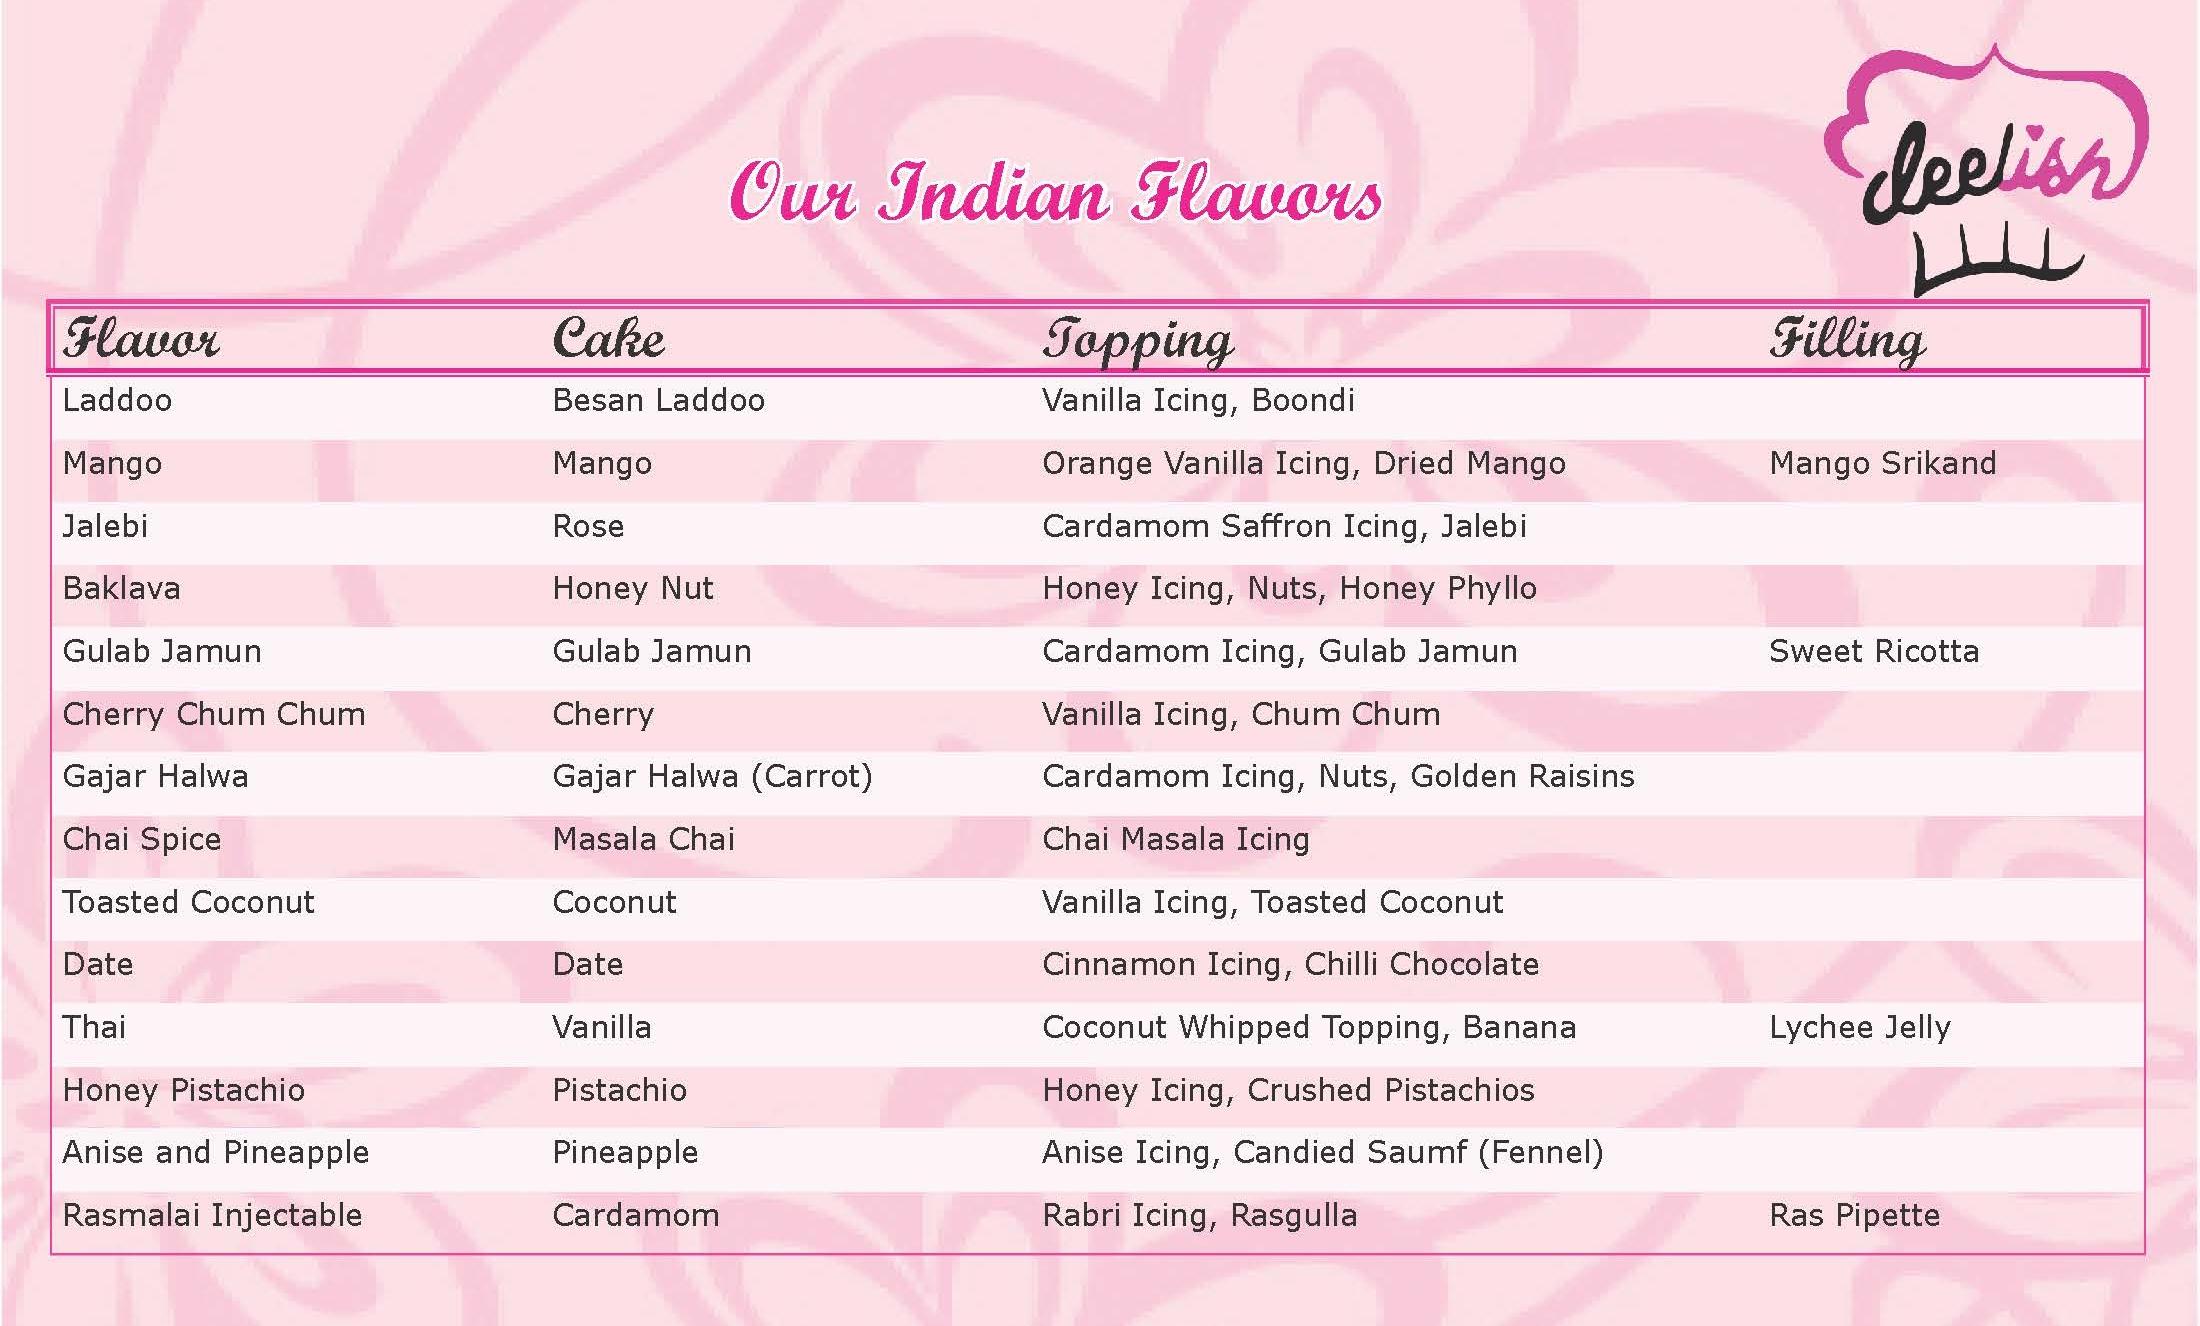 Deelish Indian Flavors